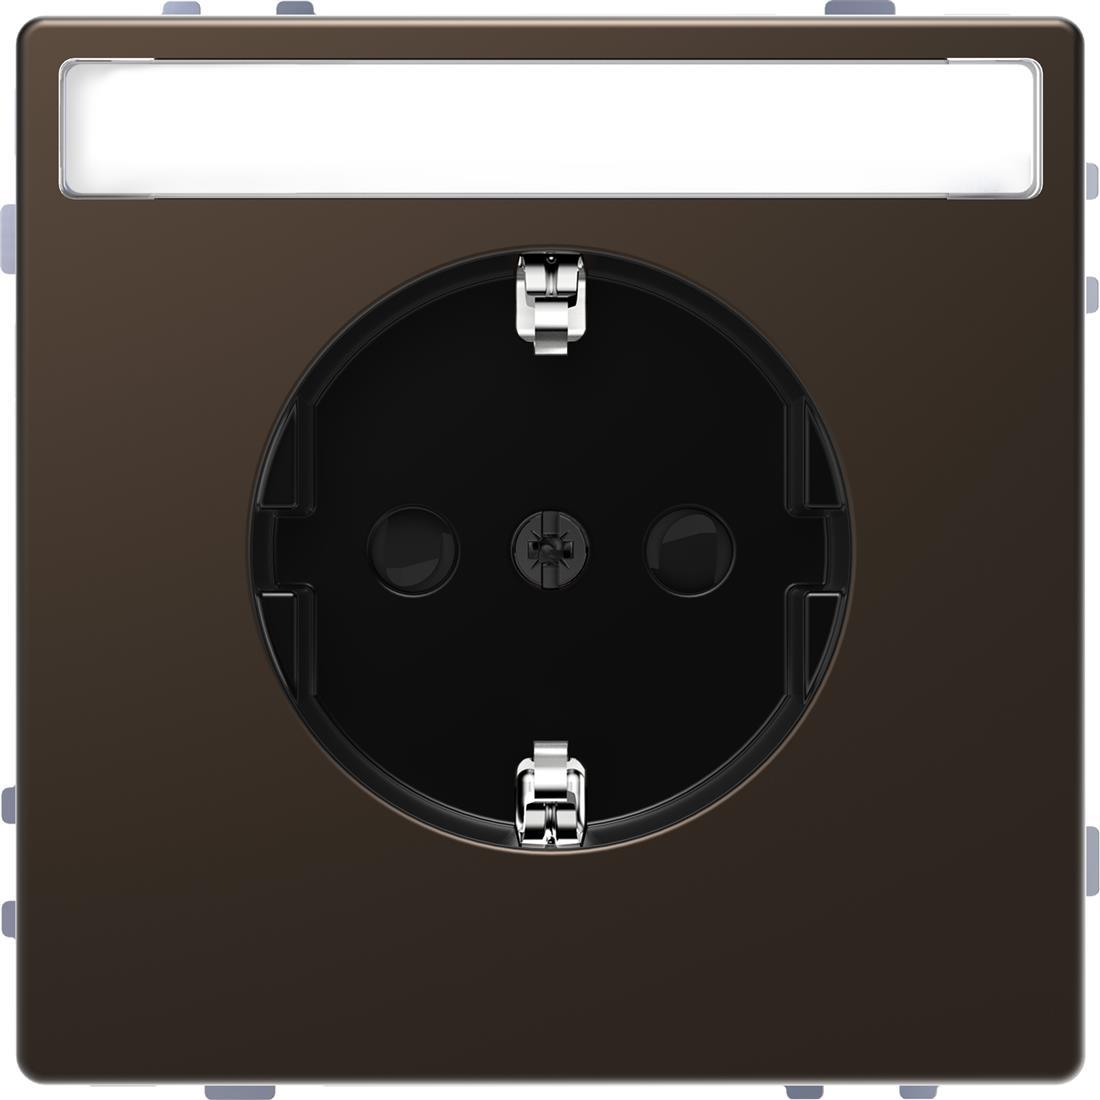 Schneider-Merten D Life wandcontactdoos met tekstvenster en kinderbeveiliging - mocca metallic (MTN2302-6052)